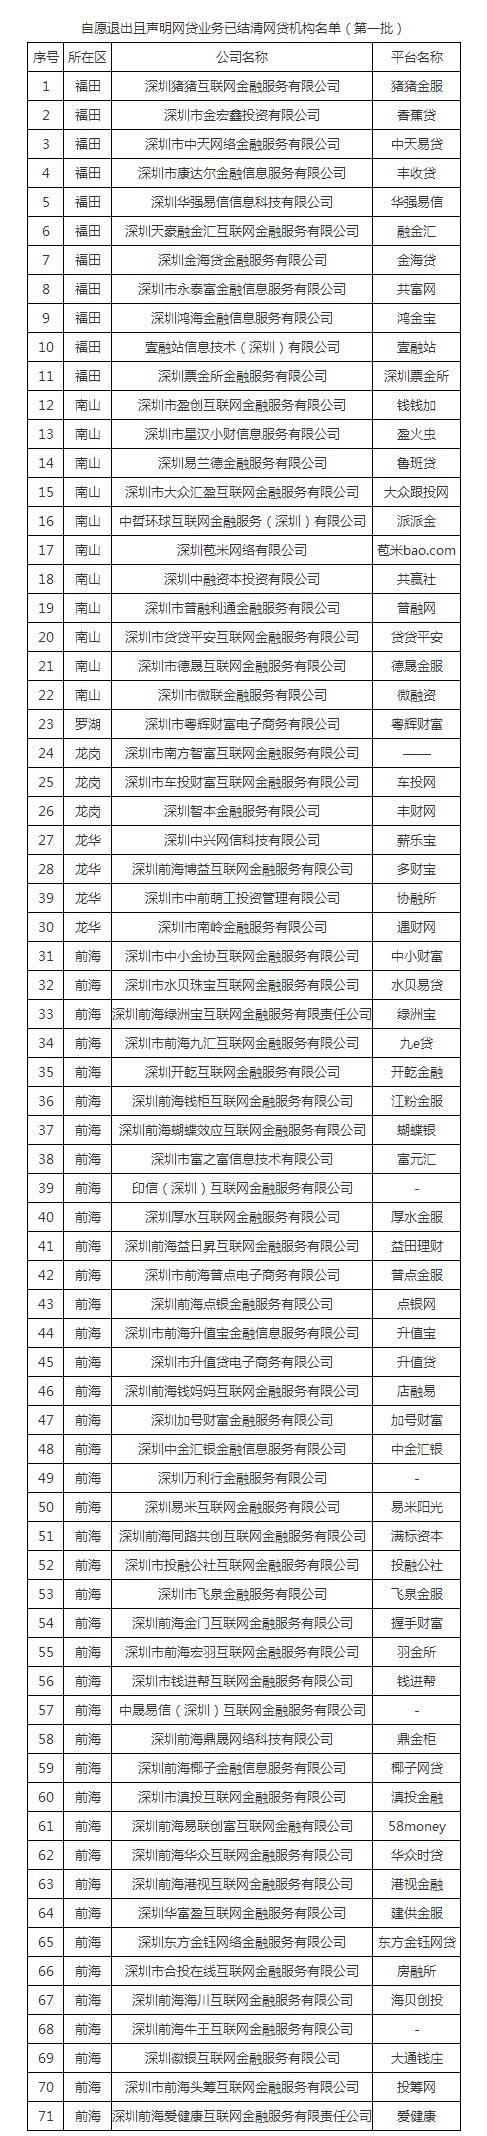 深圳市互联网金融风险专项整.jpg